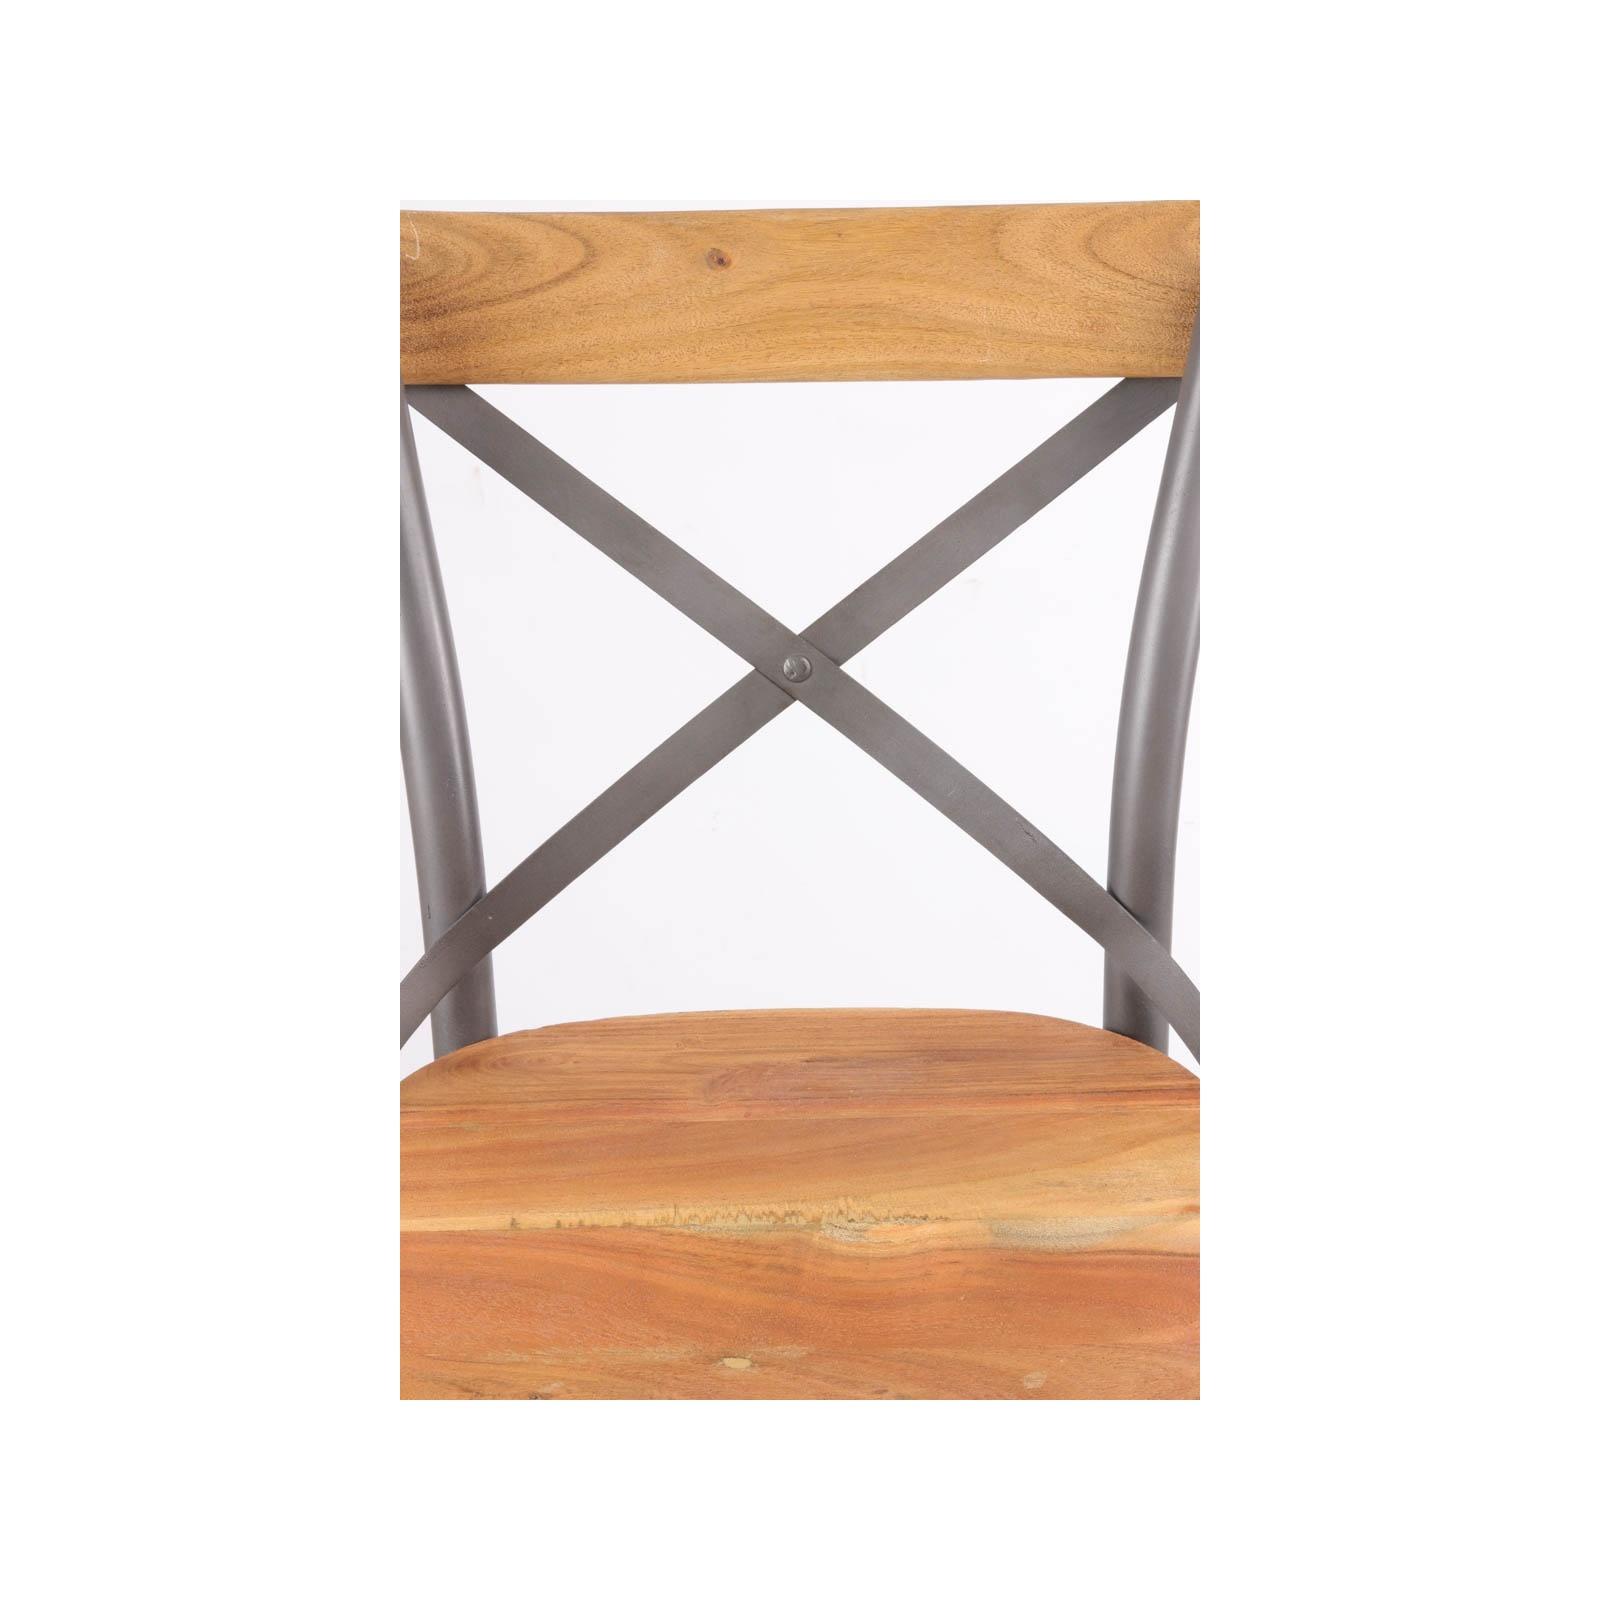 chaise haute de bistro industrielle jp2b d coration On chaise table industrielle